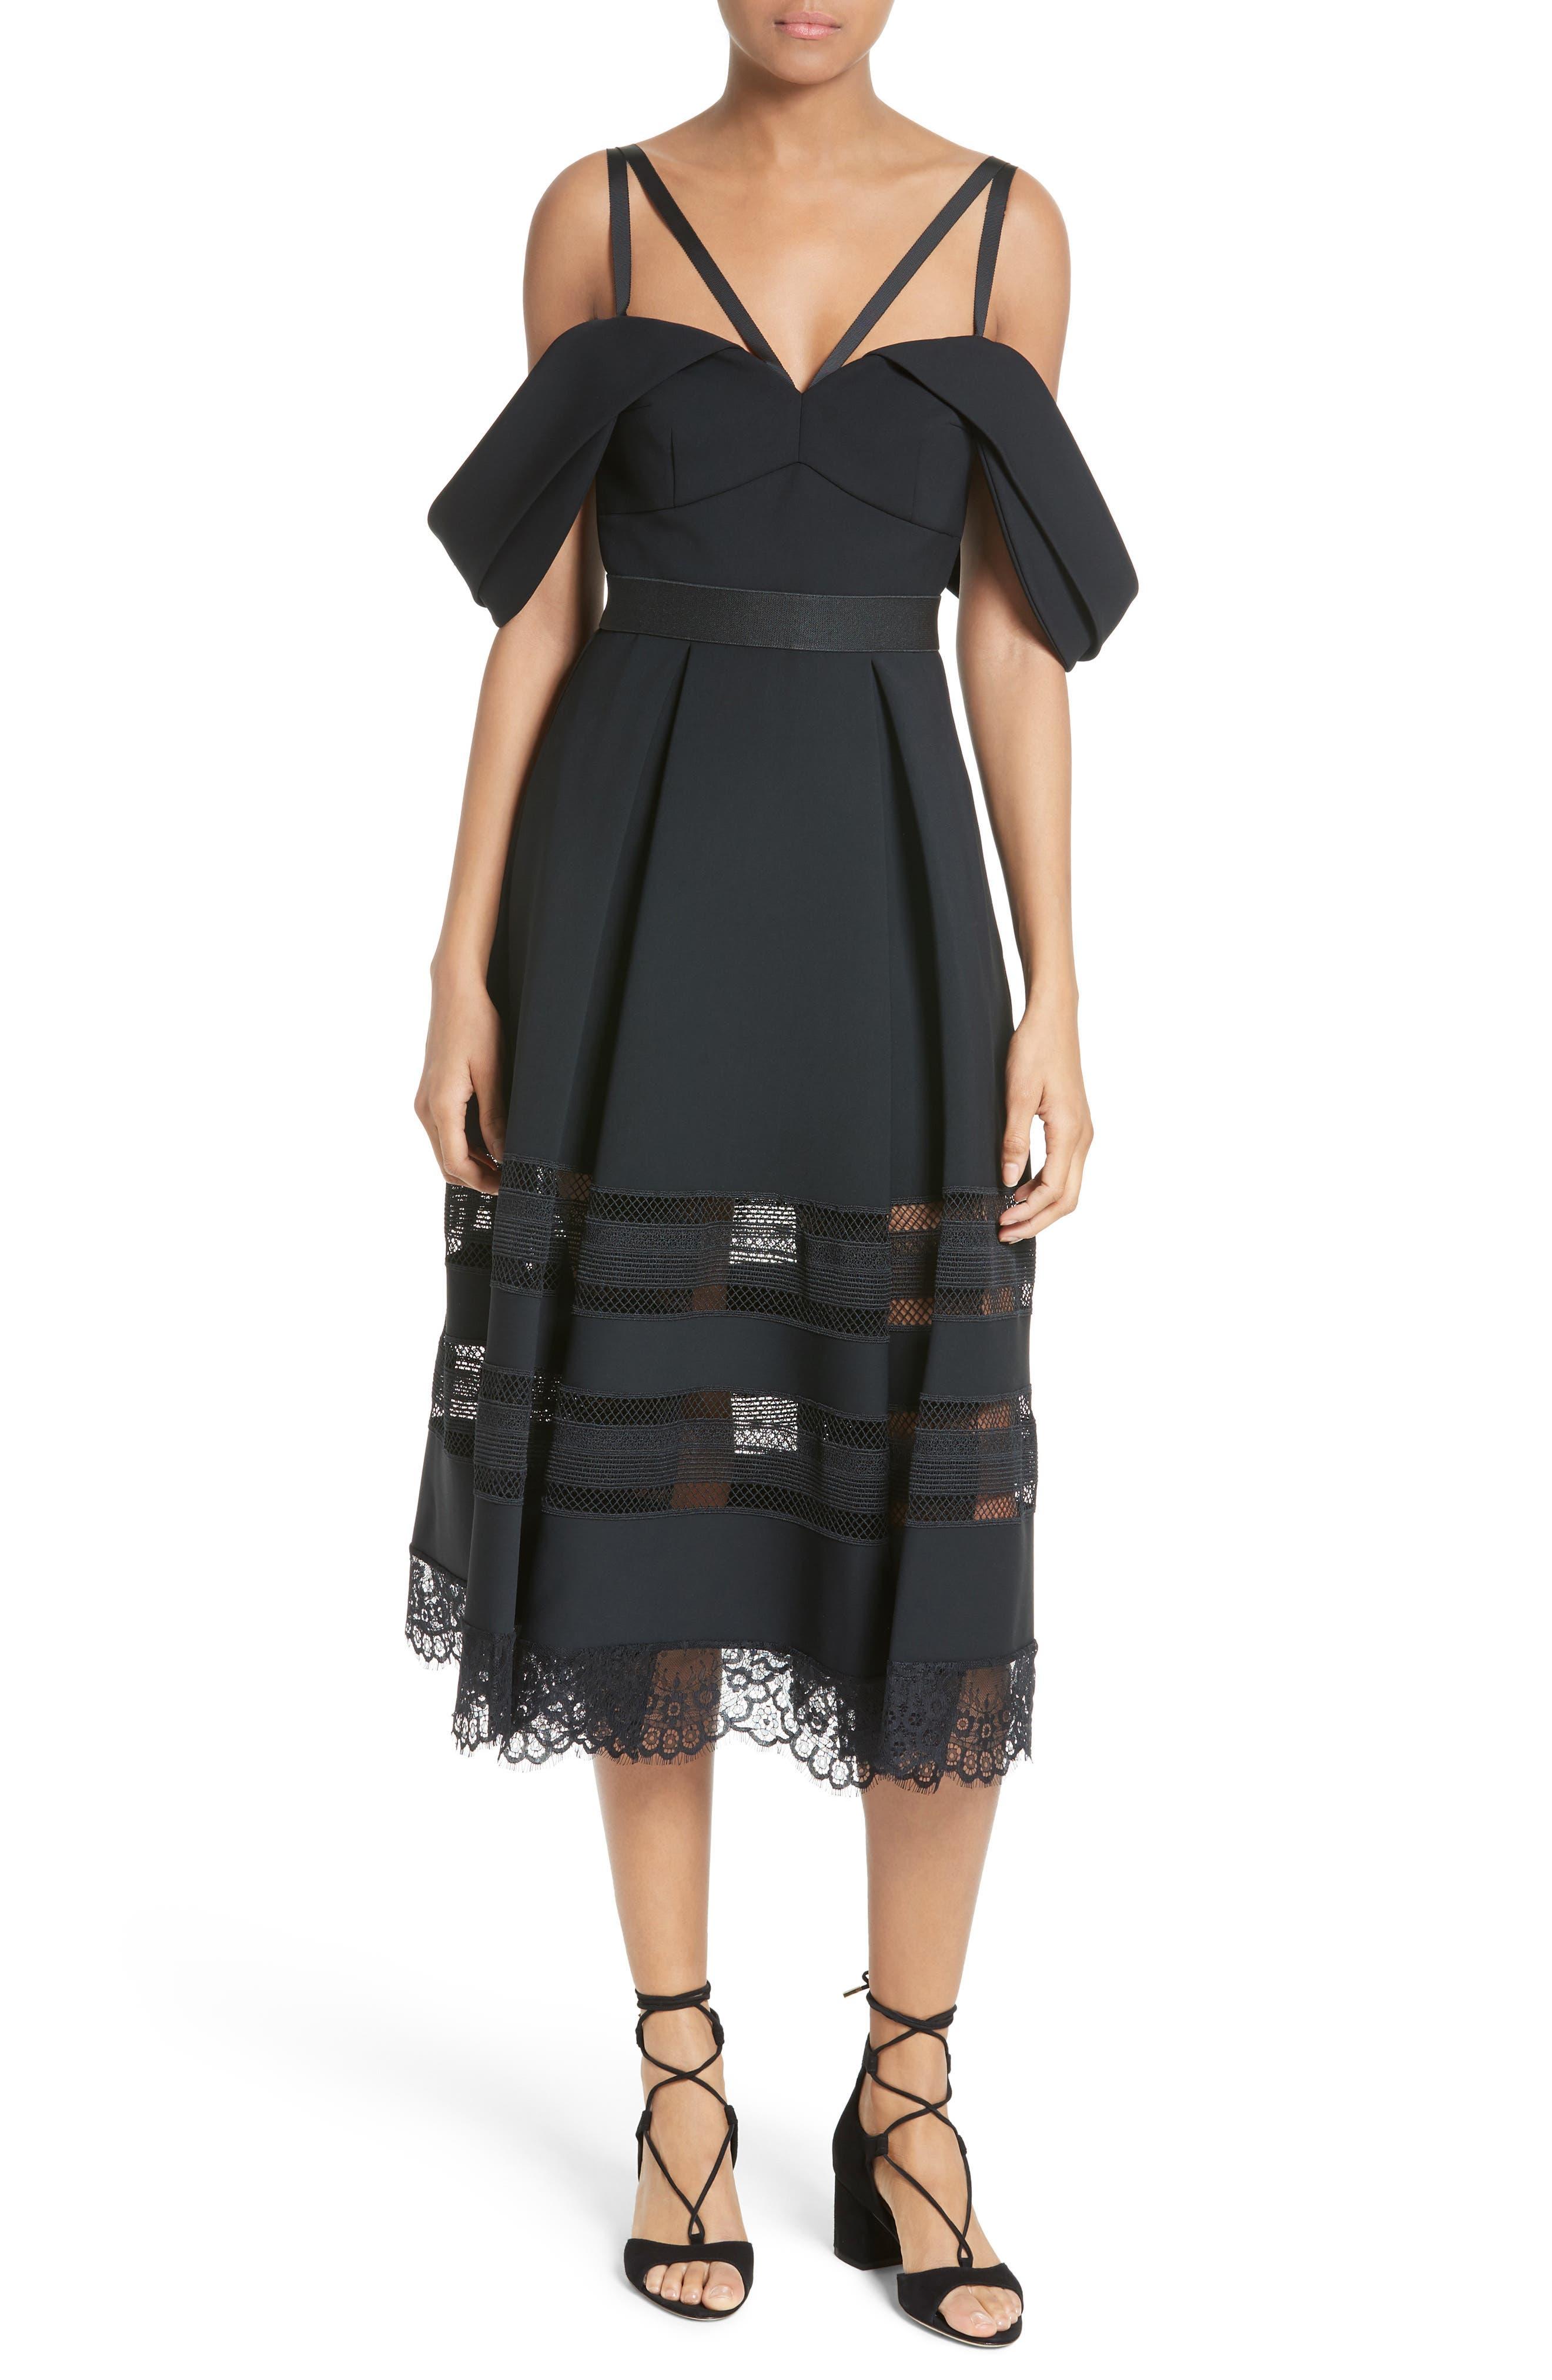 Alternate Image 1 Selected - Self-Portrait Cold Shoulder Midi Dress